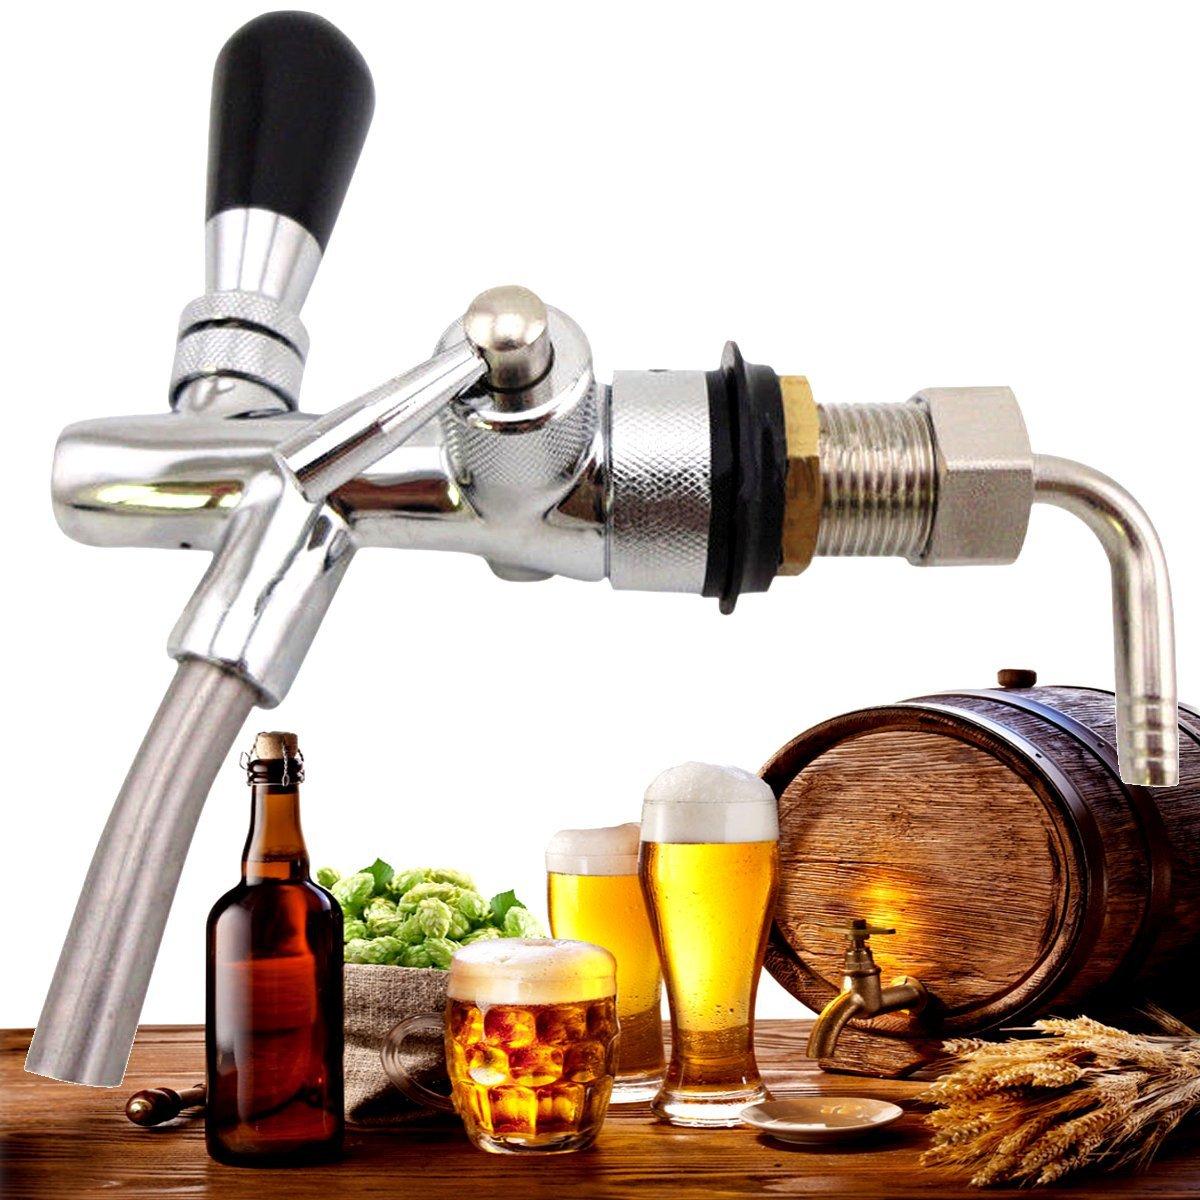 KING DO WAY Robinet De Bière En Laiton, Distributeur De Boissons, Robinet De Rechange Pour Tonneau De Bière Tireuse à Bière Cidre Fûts Boisson Robinet De Rechange Pour Tonneau De Bière Tireuse à Bière Cidre Fûts Boisson